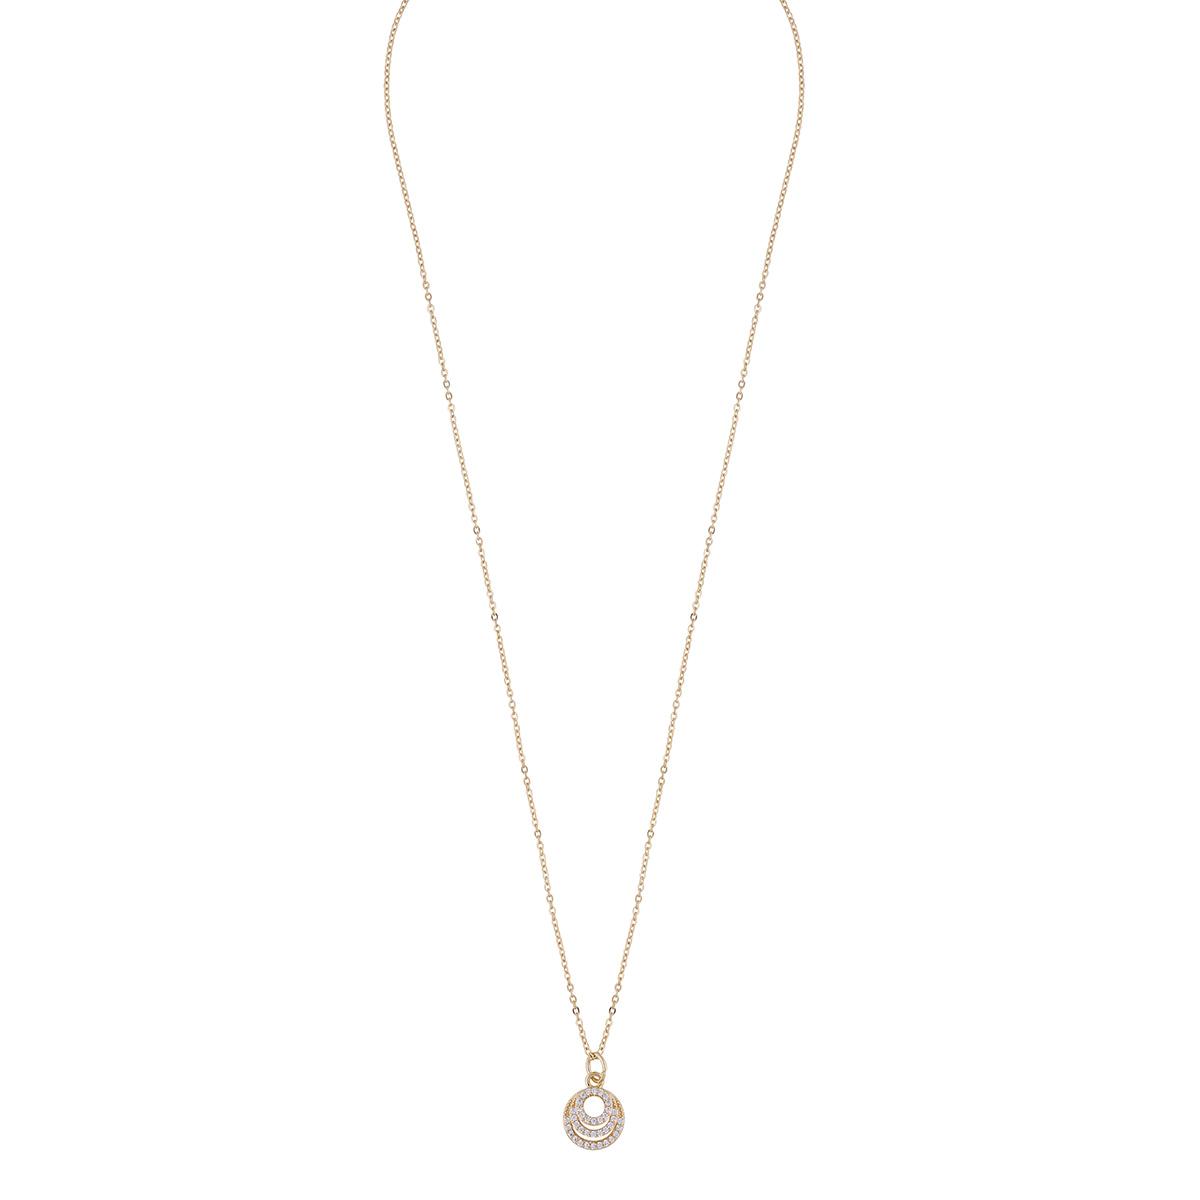 954-2001251-Clarissa-small-pendant-neck-42-g-clear